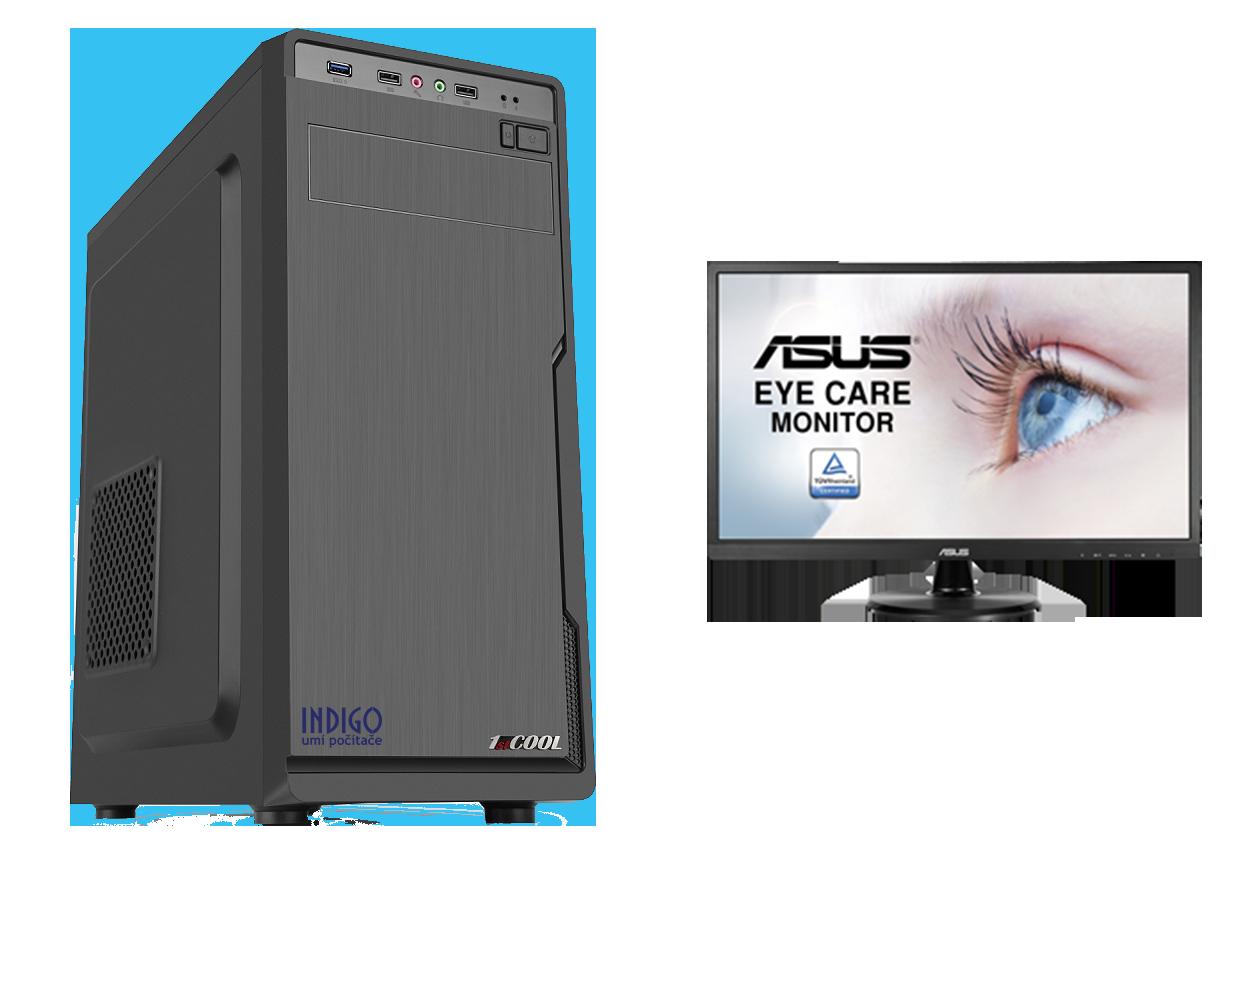 PC INDIGO by AMD & ASUS + LCD - AMD Ryzen 5 3600/1TB+256GB SSD/16G/GTX1660/DVD/W10